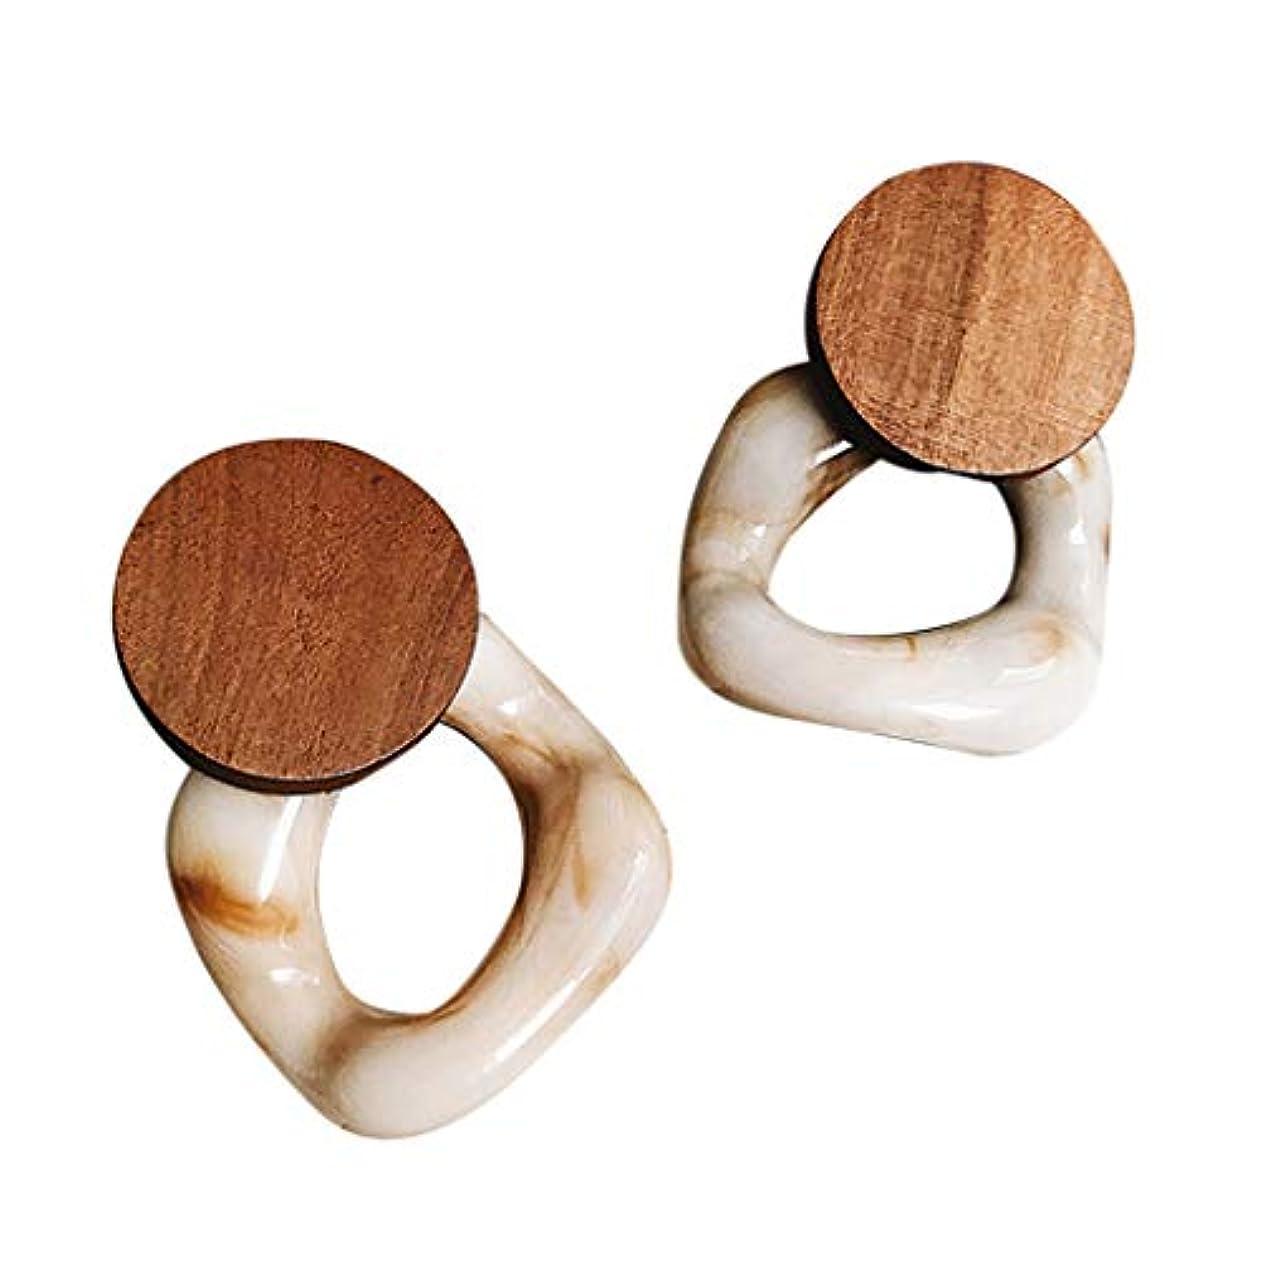 デコードする憂鬱散らすNicircle 女性のための新しいファッション樹脂大イヤリング木製イヤリングジュエリー レトロ 樹脂 イヤリング New Fashion Resin Large Earrings For Women Wooden Earrings...